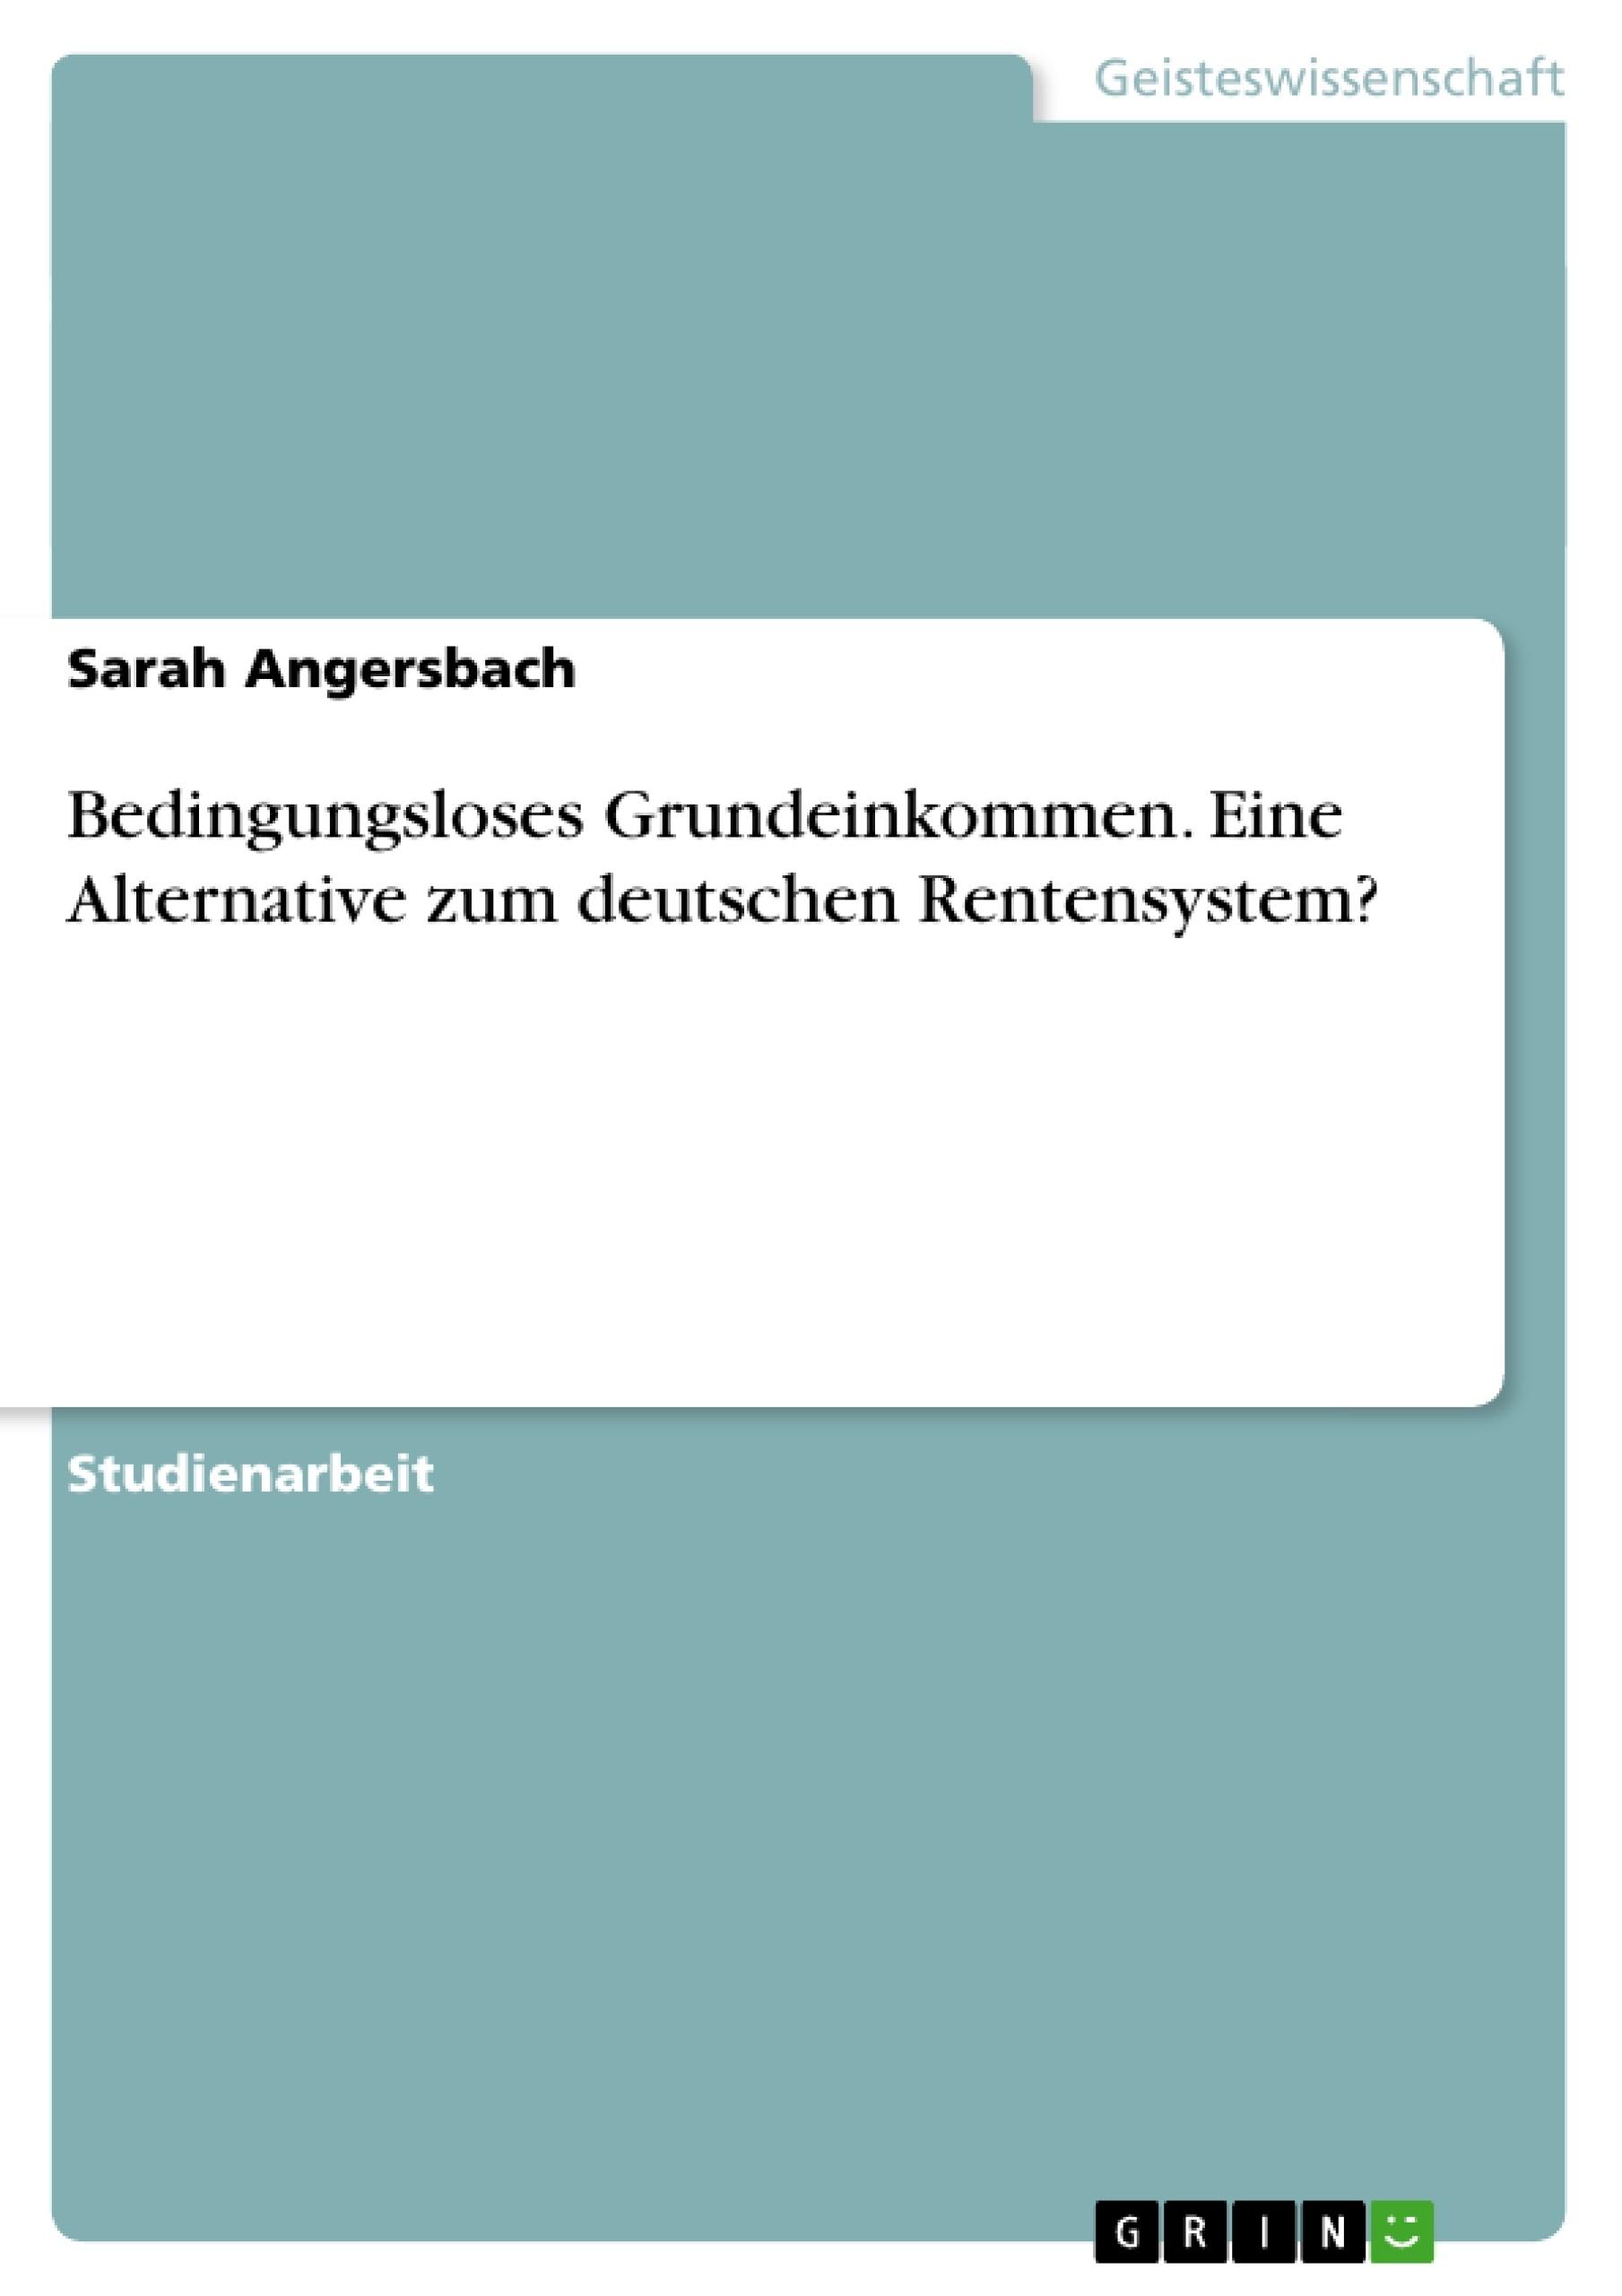 Titel: Bedingungsloses Grundeinkommen. Eine Alternative zum deutschen Rentensystem?